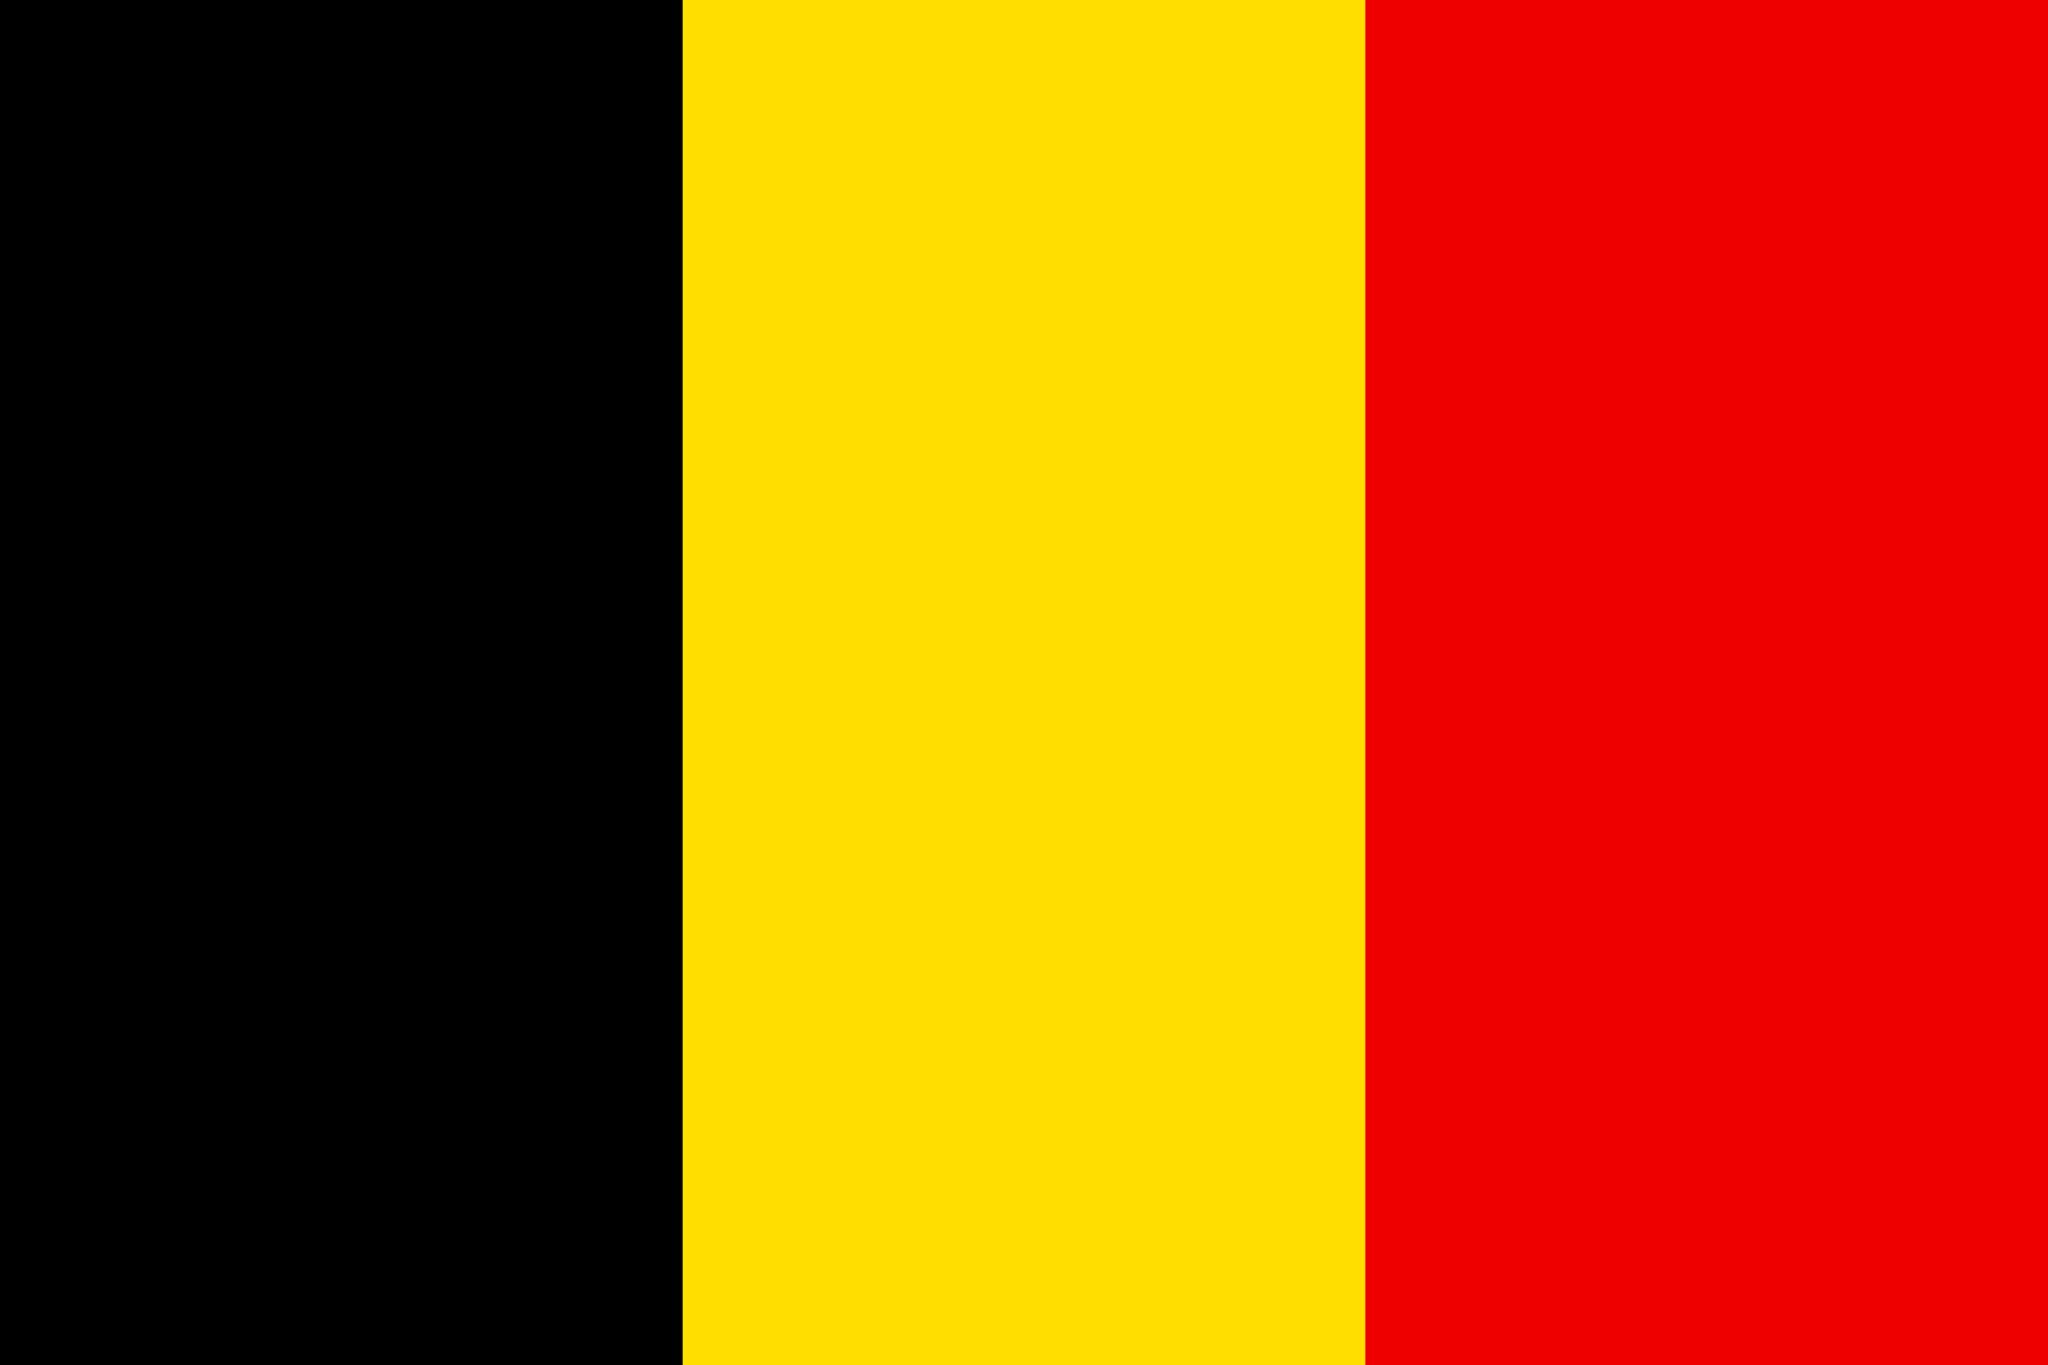 Etiket belçika bayrağı